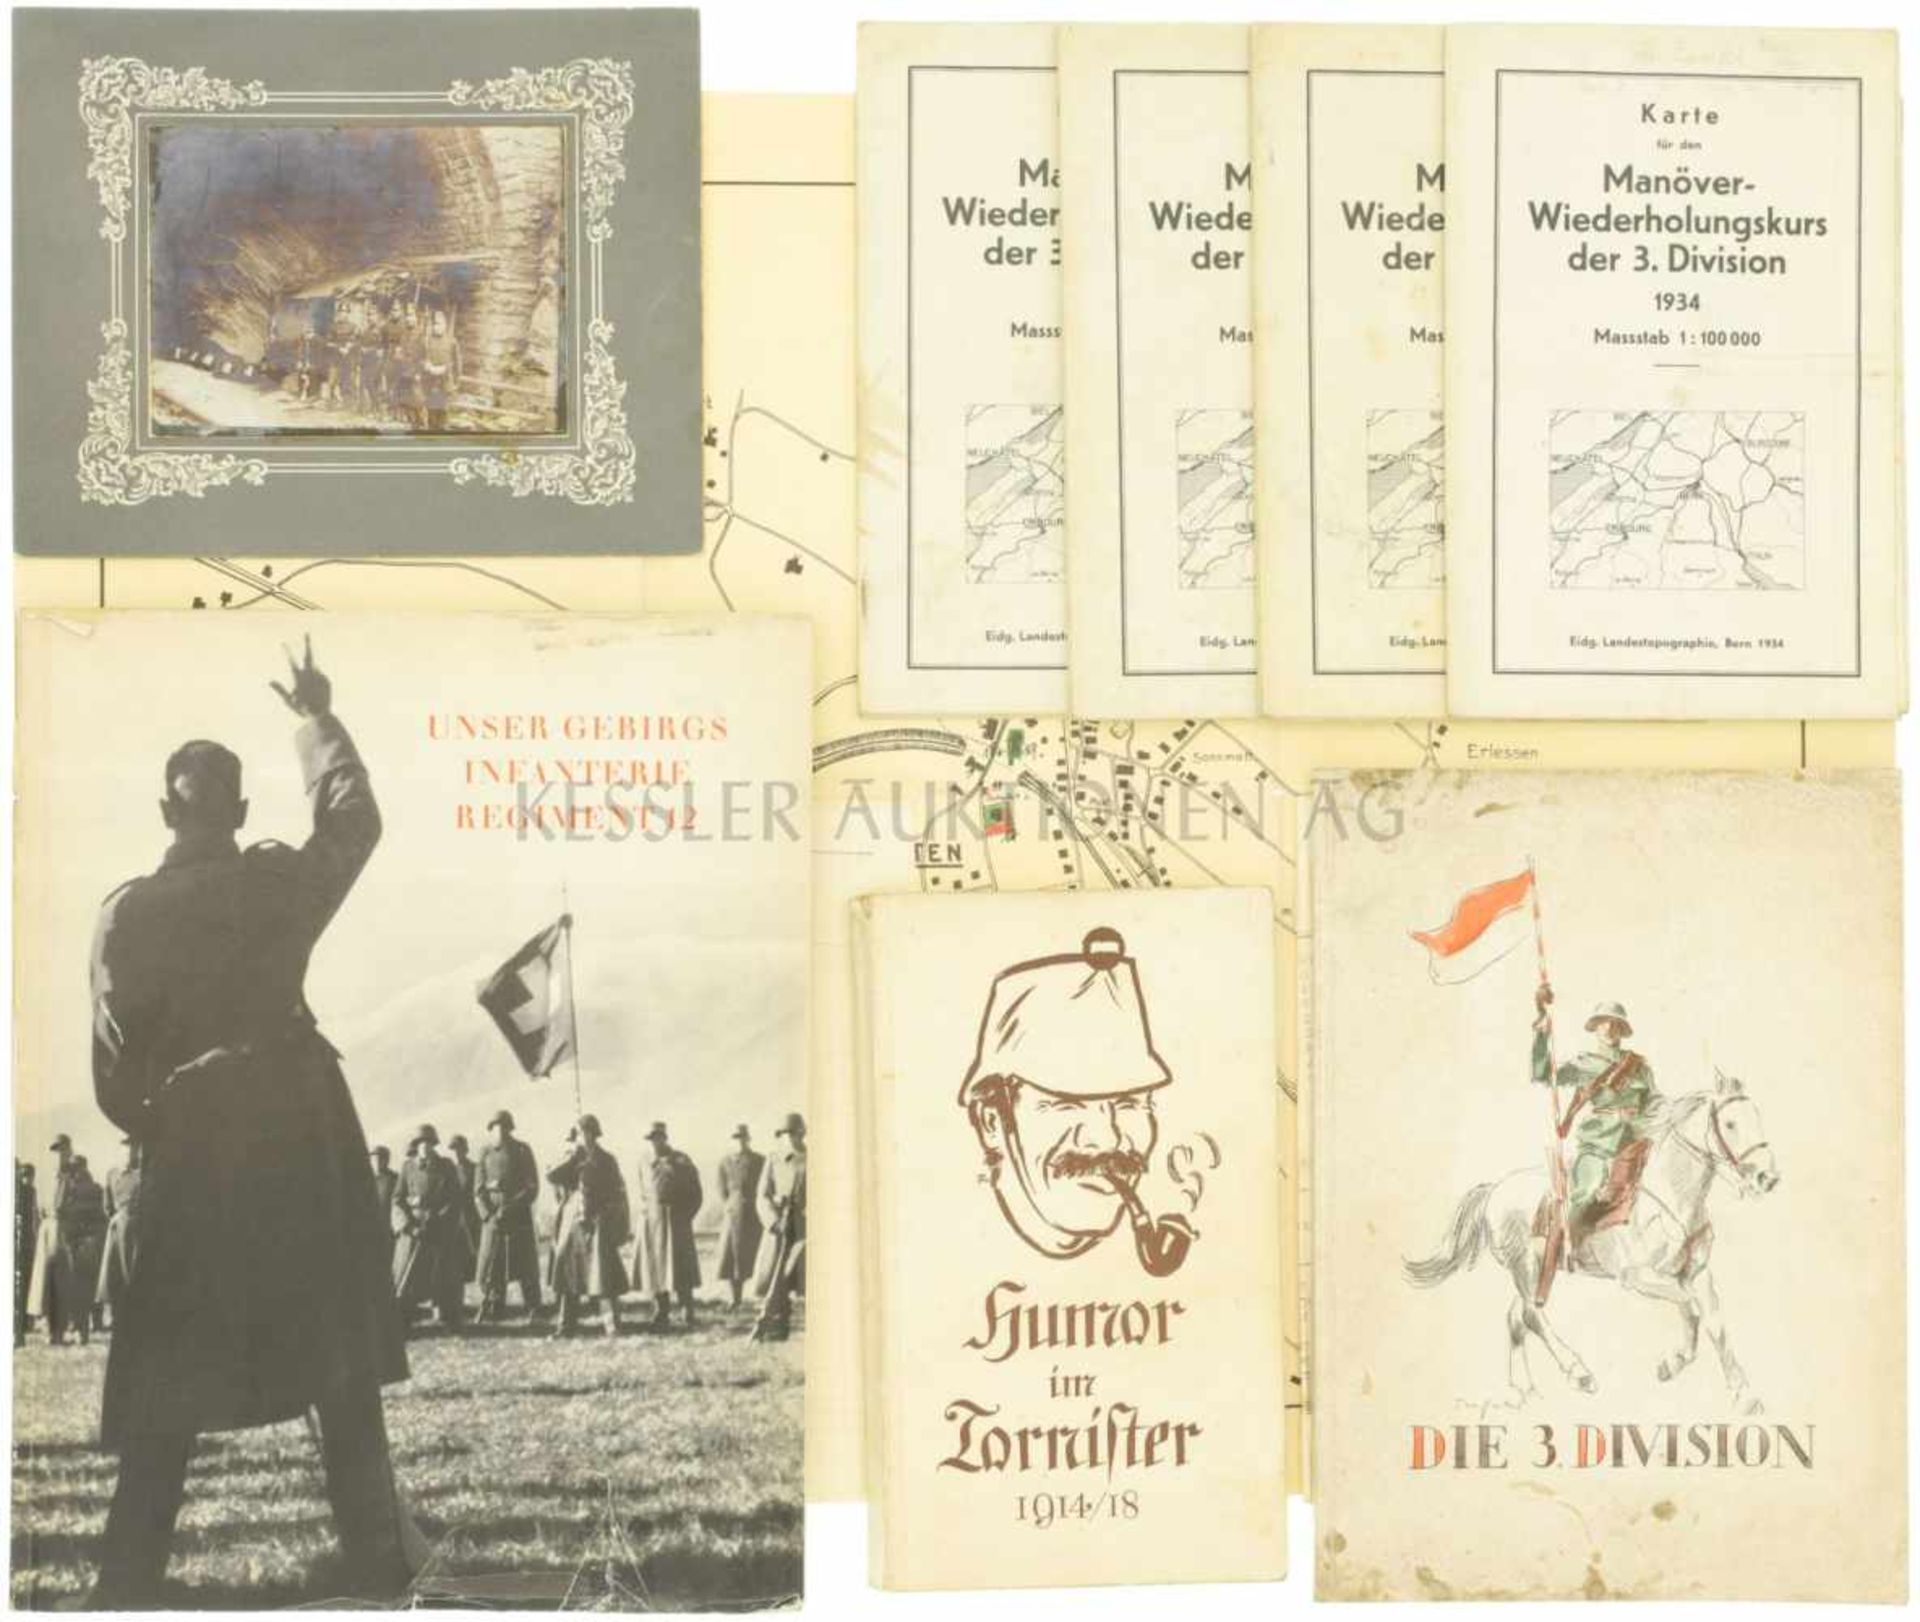 Konvolut von 3 Schriften und 5 Karten 1. Unsere Gebirgsinfanterie Regiment 12. 2. Die 3. Division